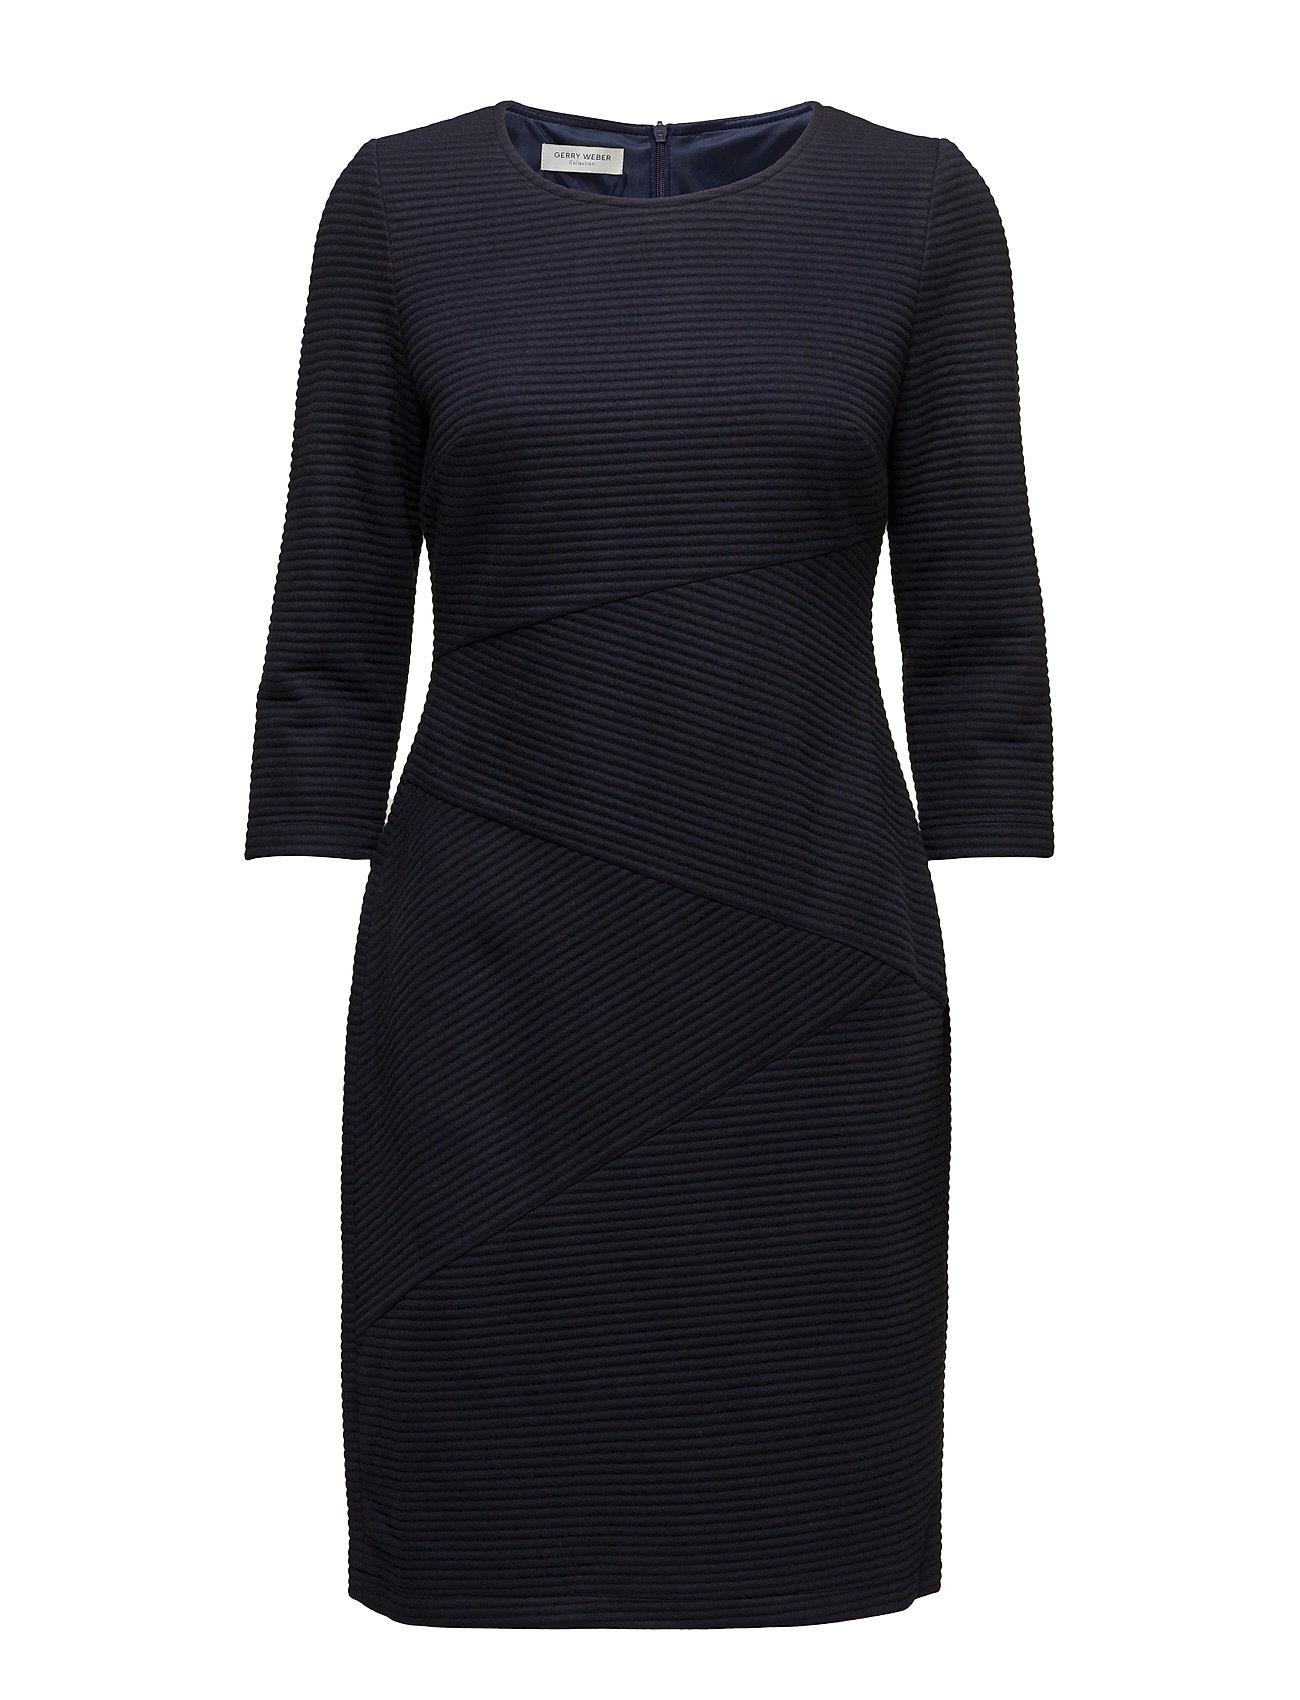 Dress Woven Fabric Gerry Weber Korte kjoler til Damer i indigo